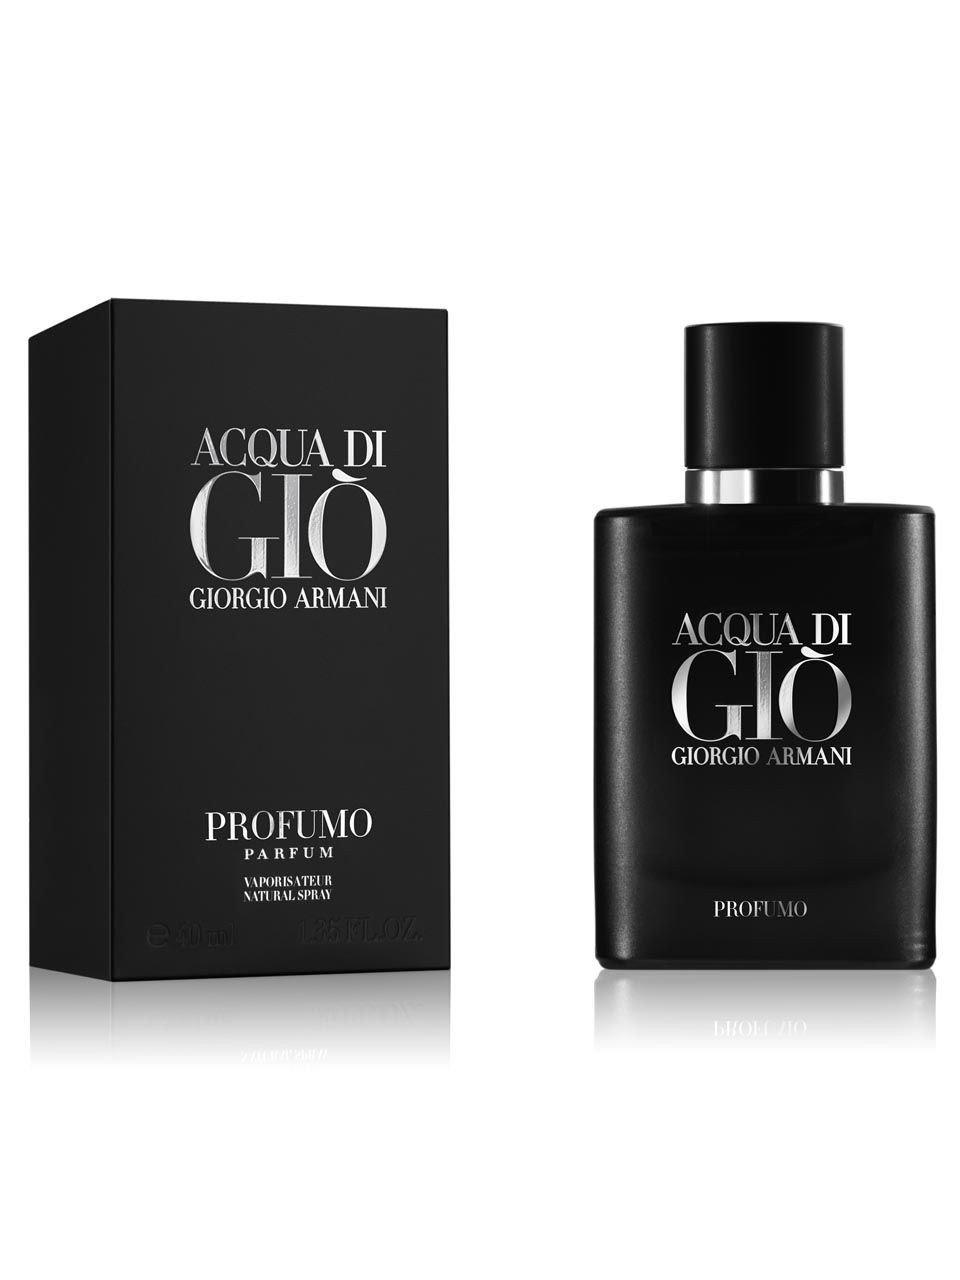 Giorgio Armani Giorgio Armani Acqua Di Gio Profumo 40ml (1.35oz) Parfum Vapo., 1.35 Fluid Ounce